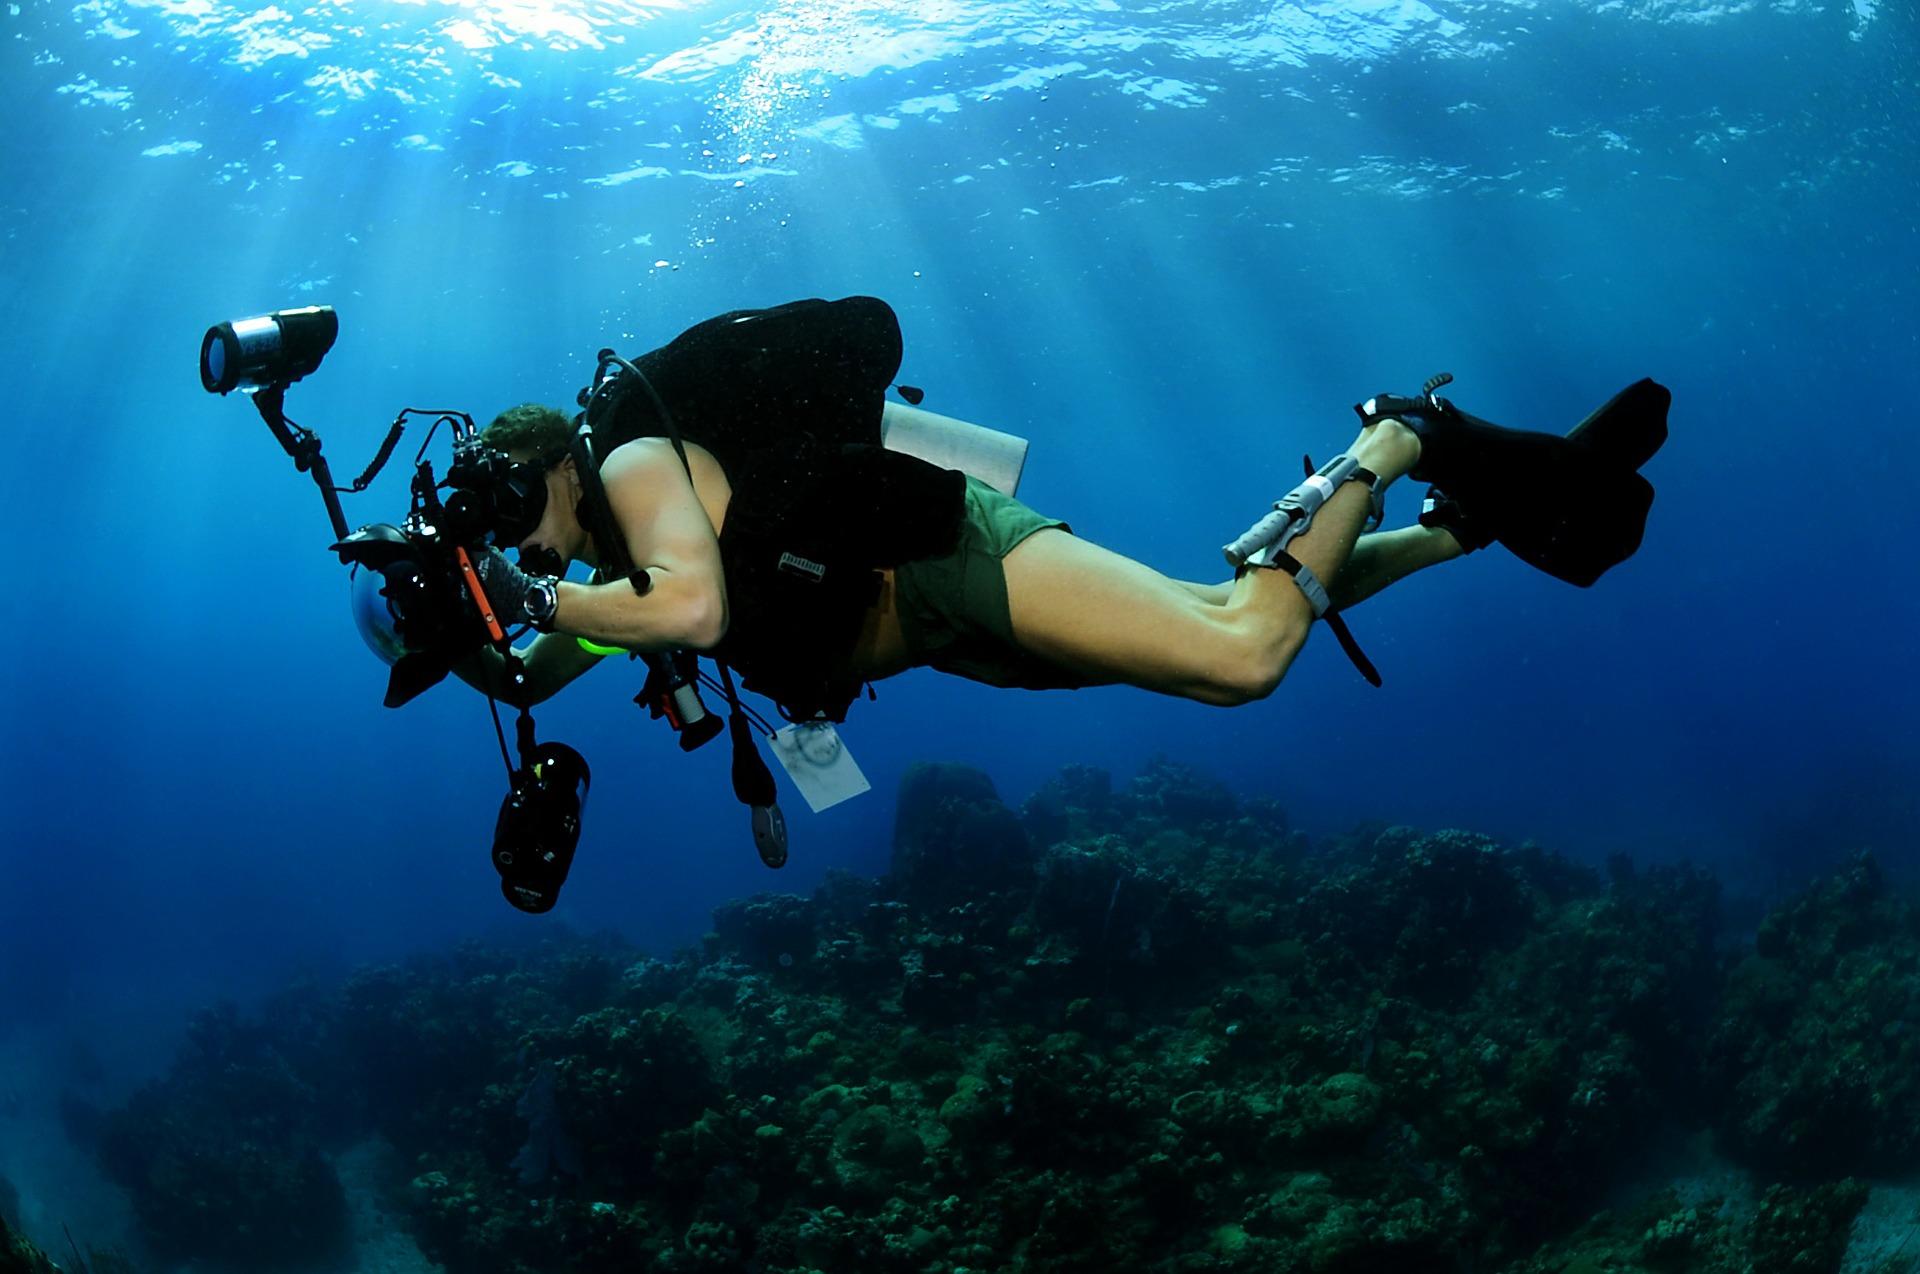 1.保護相機 雖然拍出美照很重要 但別忘了關心我們的小夥伴相機的安全 戴上防水的外殼或是簡單的透明塑膠袋都能有效防止進水喔~